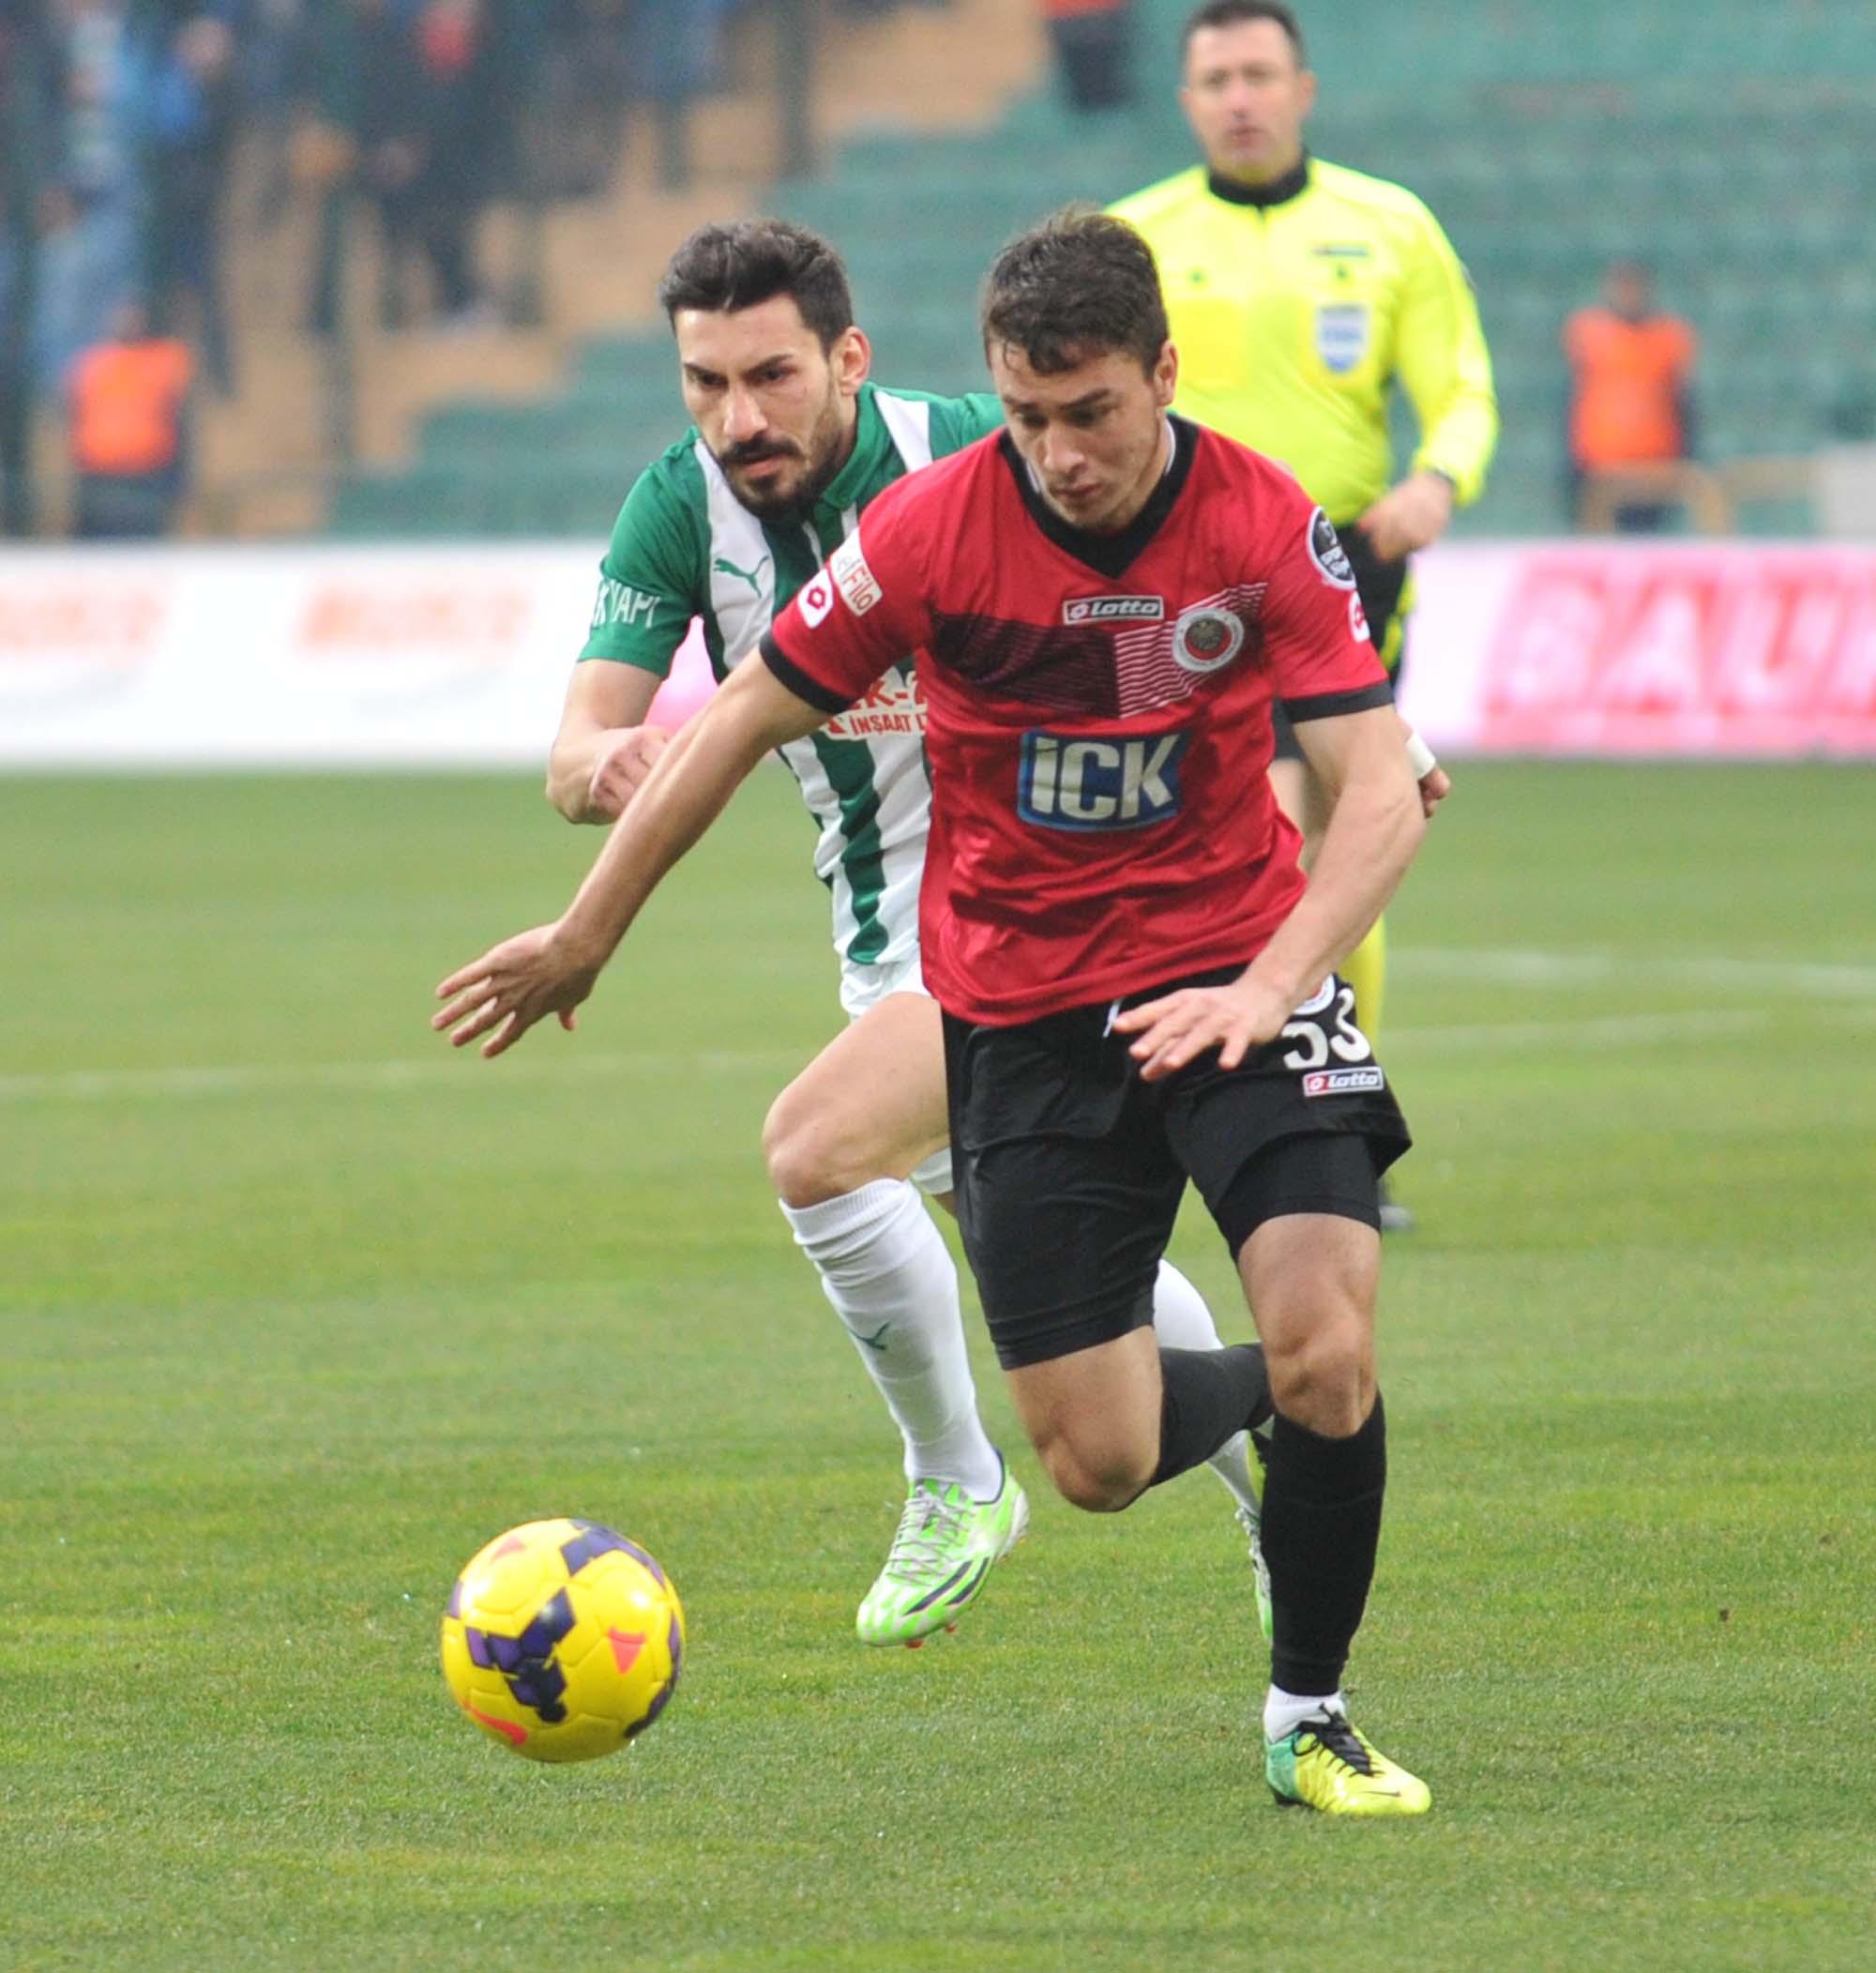 Bursaspor - Gençlerbirliği 2